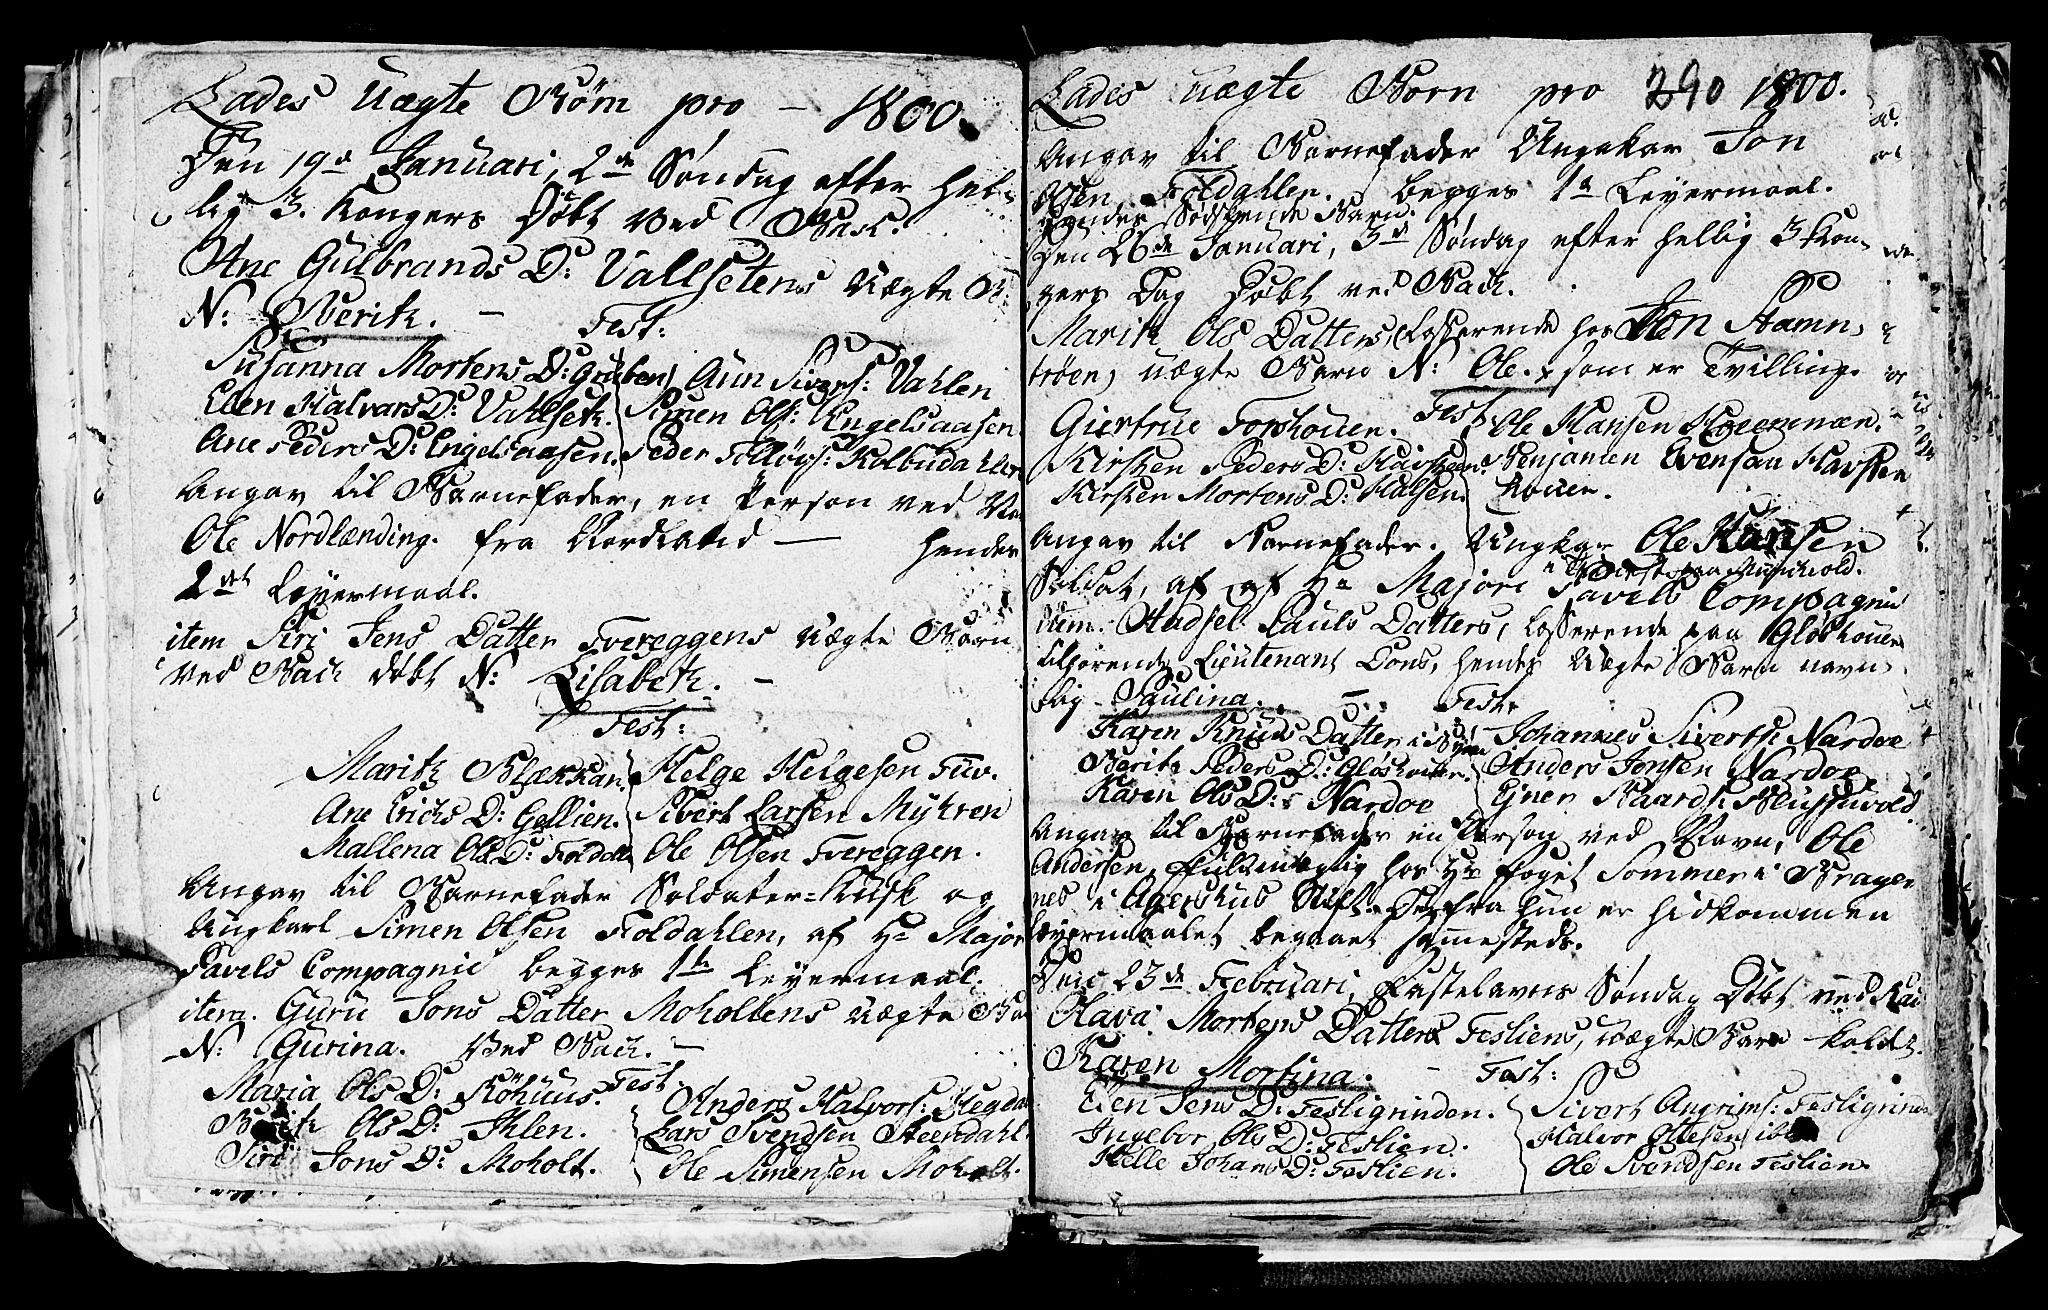 SAT, Ministerialprotokoller, klokkerbøker og fødselsregistre - Sør-Trøndelag, 606/L0305: Klokkerbok nr. 606C01, 1757-1819, s. 290